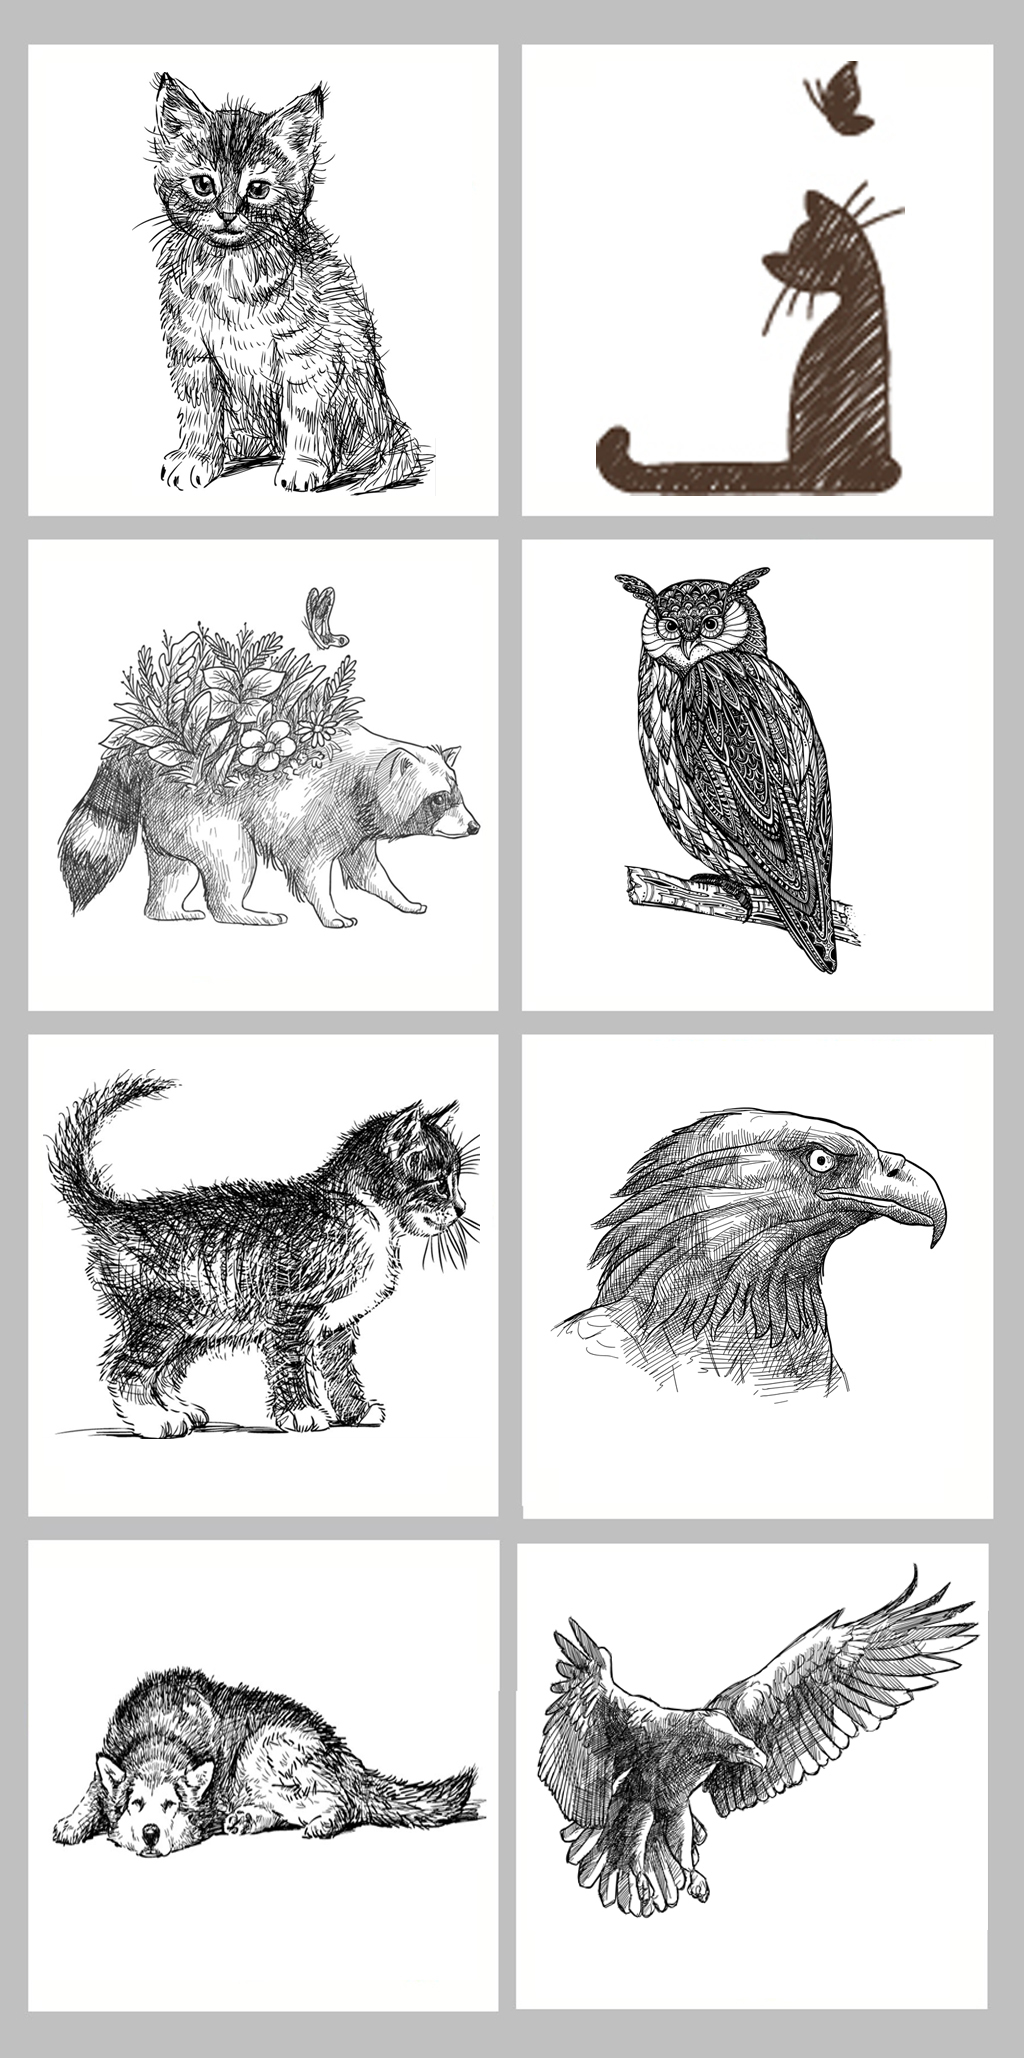 矢量北欧风格手绘线描动物装饰画图片设计素材_高清(.